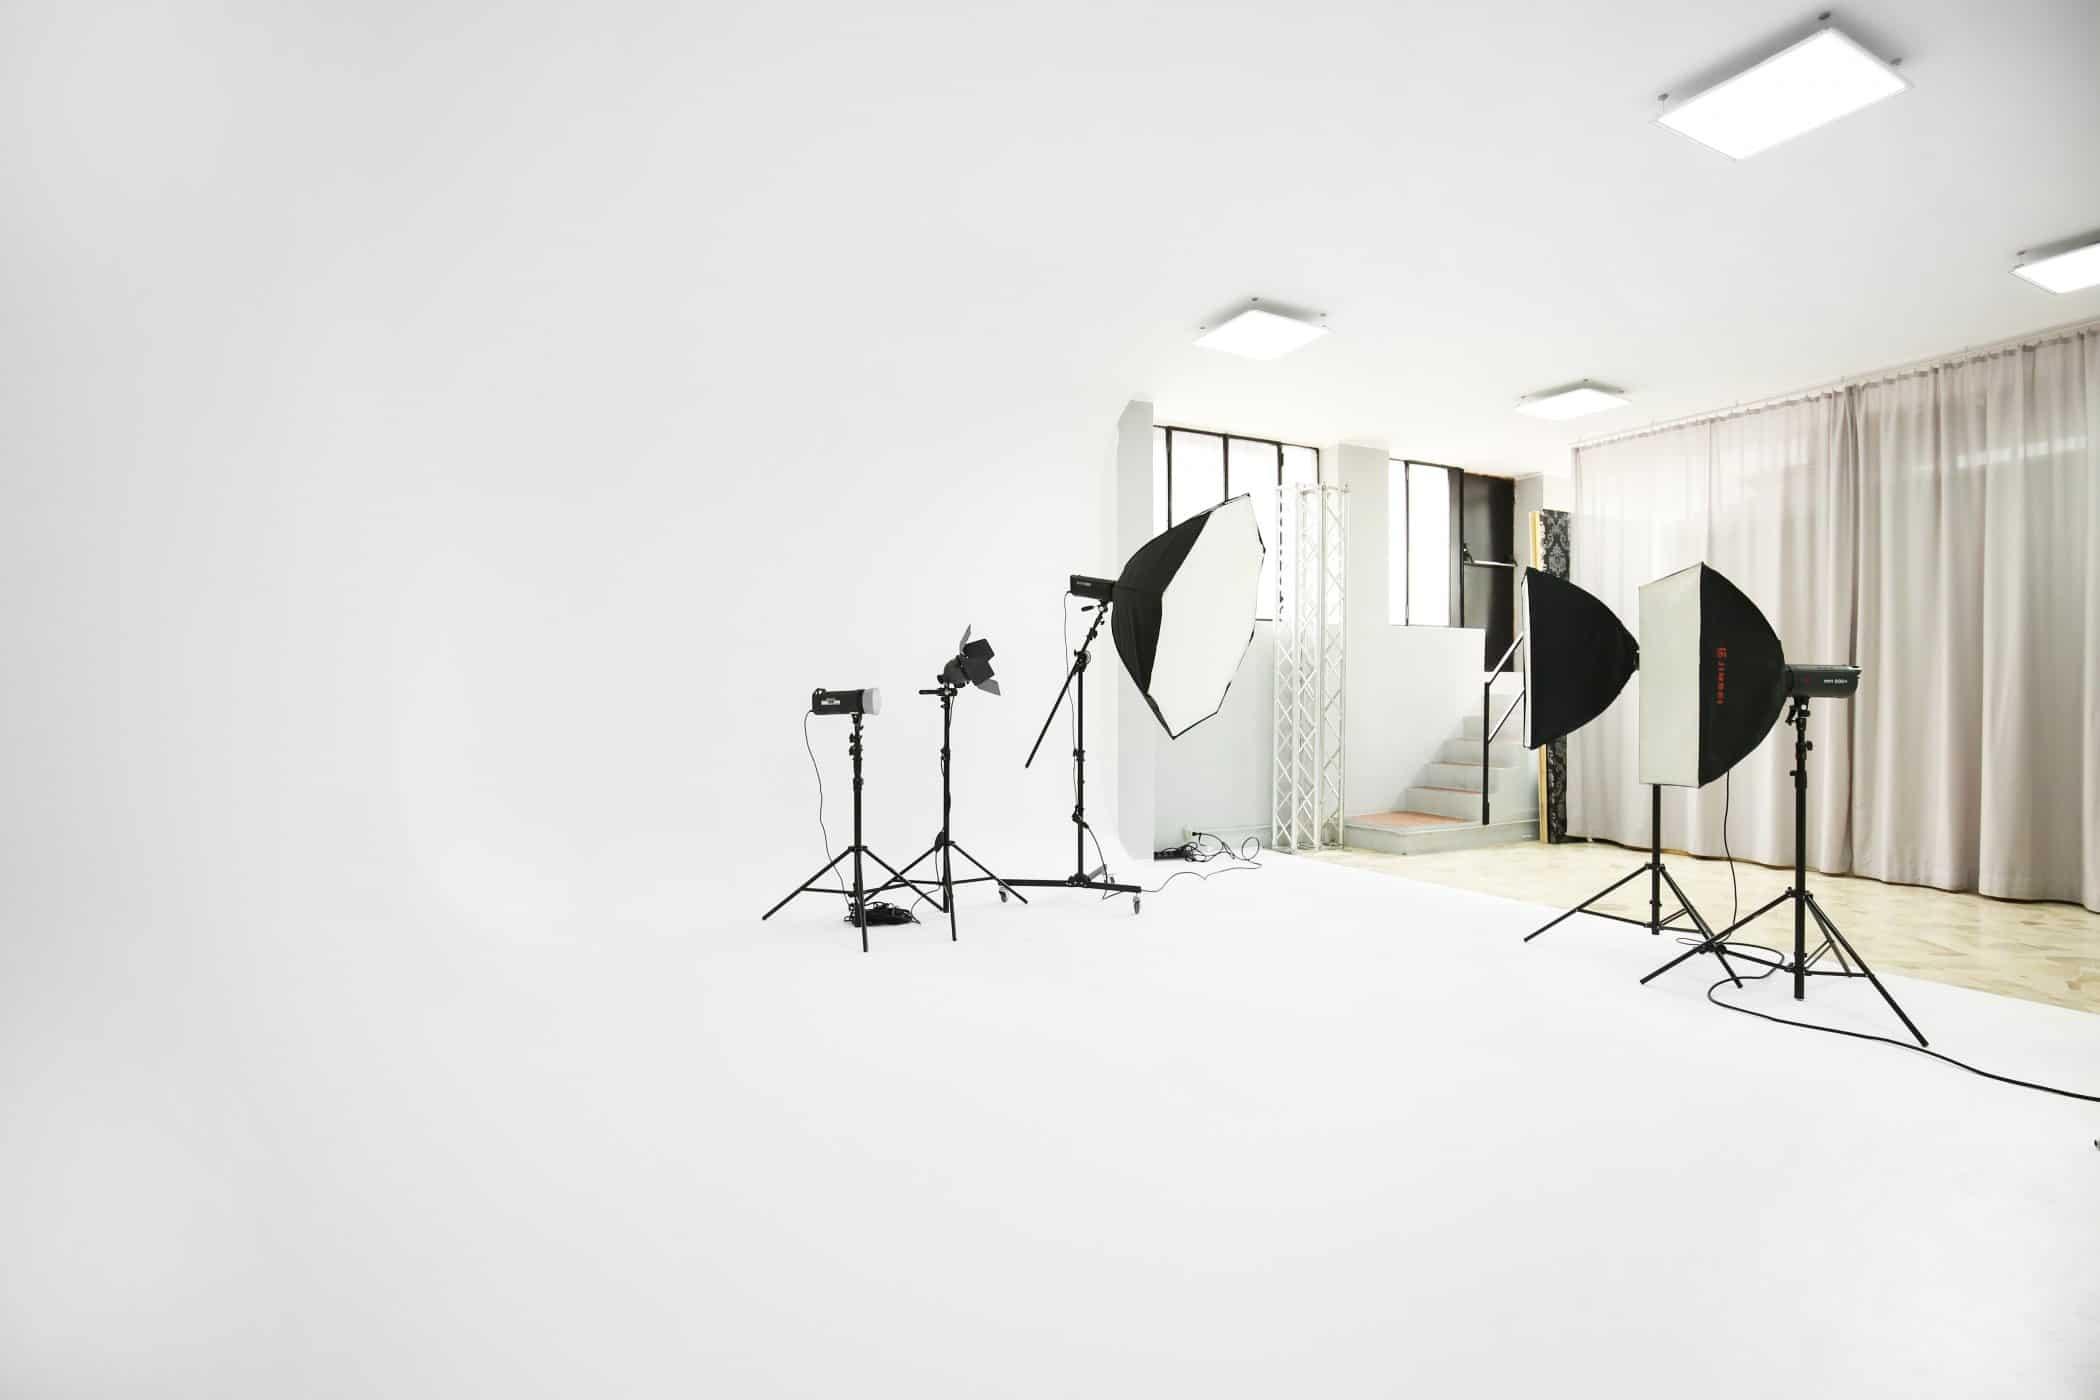 affitto-studio-fotografico-sala-pose-postazione-makeup-luci-per-servizi-fotografici-video-riprese